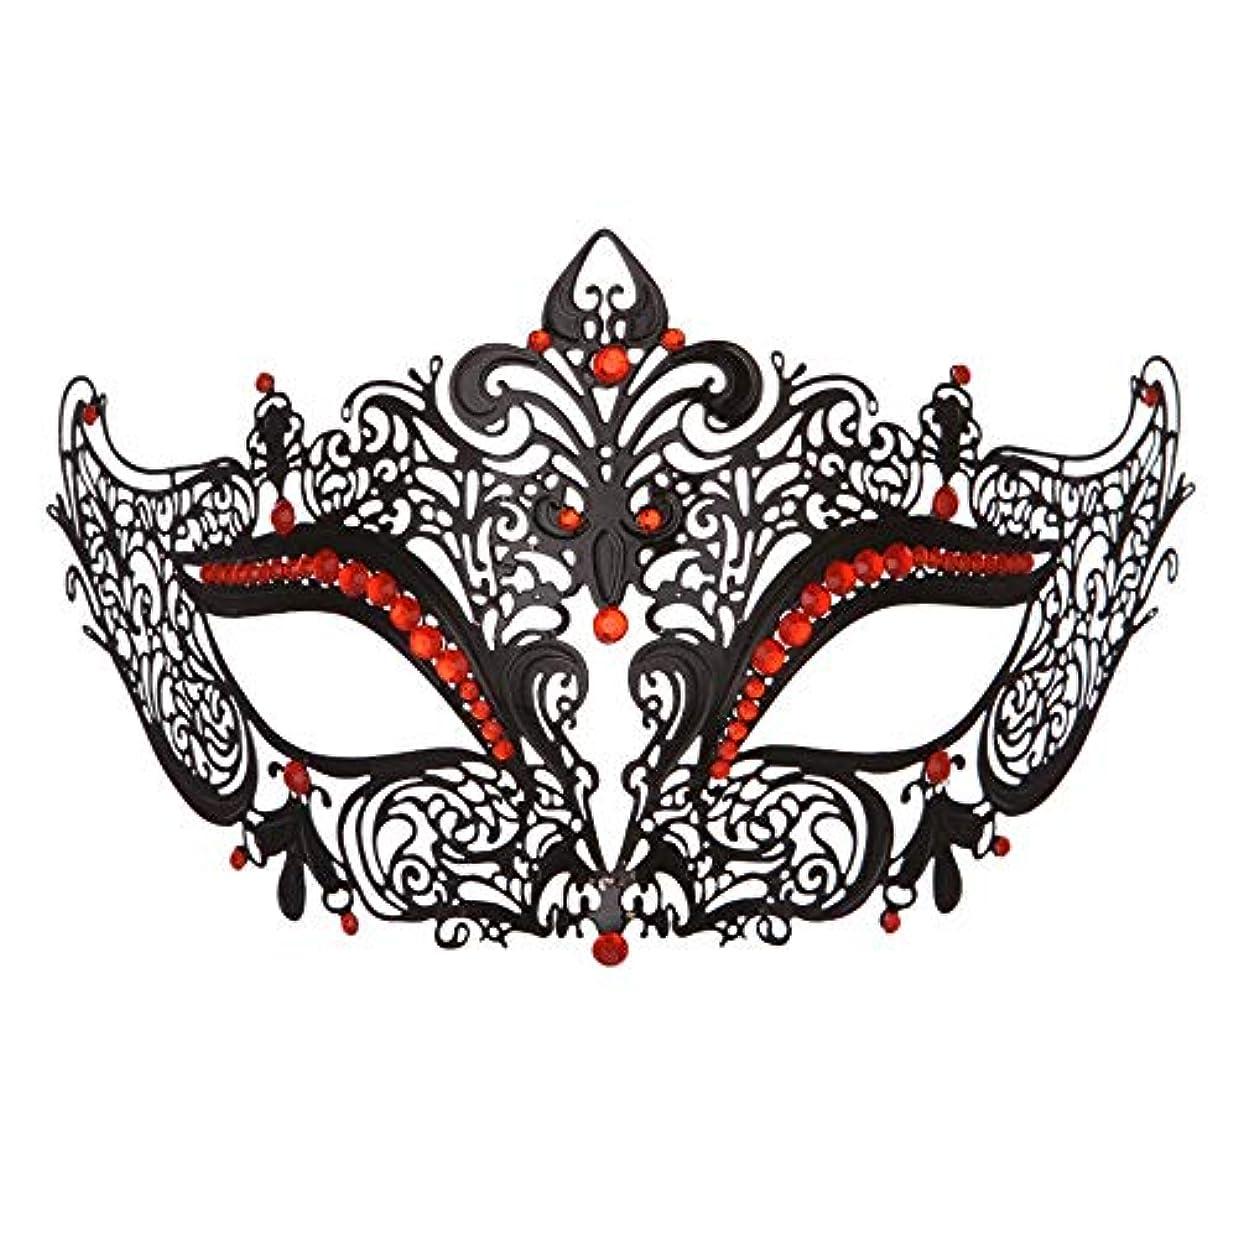 方程式不完全空虚ダンスマスク 高級金属鉄マスク女性美少女中空ハーフフェイスファッションナイトクラブパーティー仮面舞踏会マスク ホリデーパーティー用品 (色 : 赤, サイズ : 19x8cm)